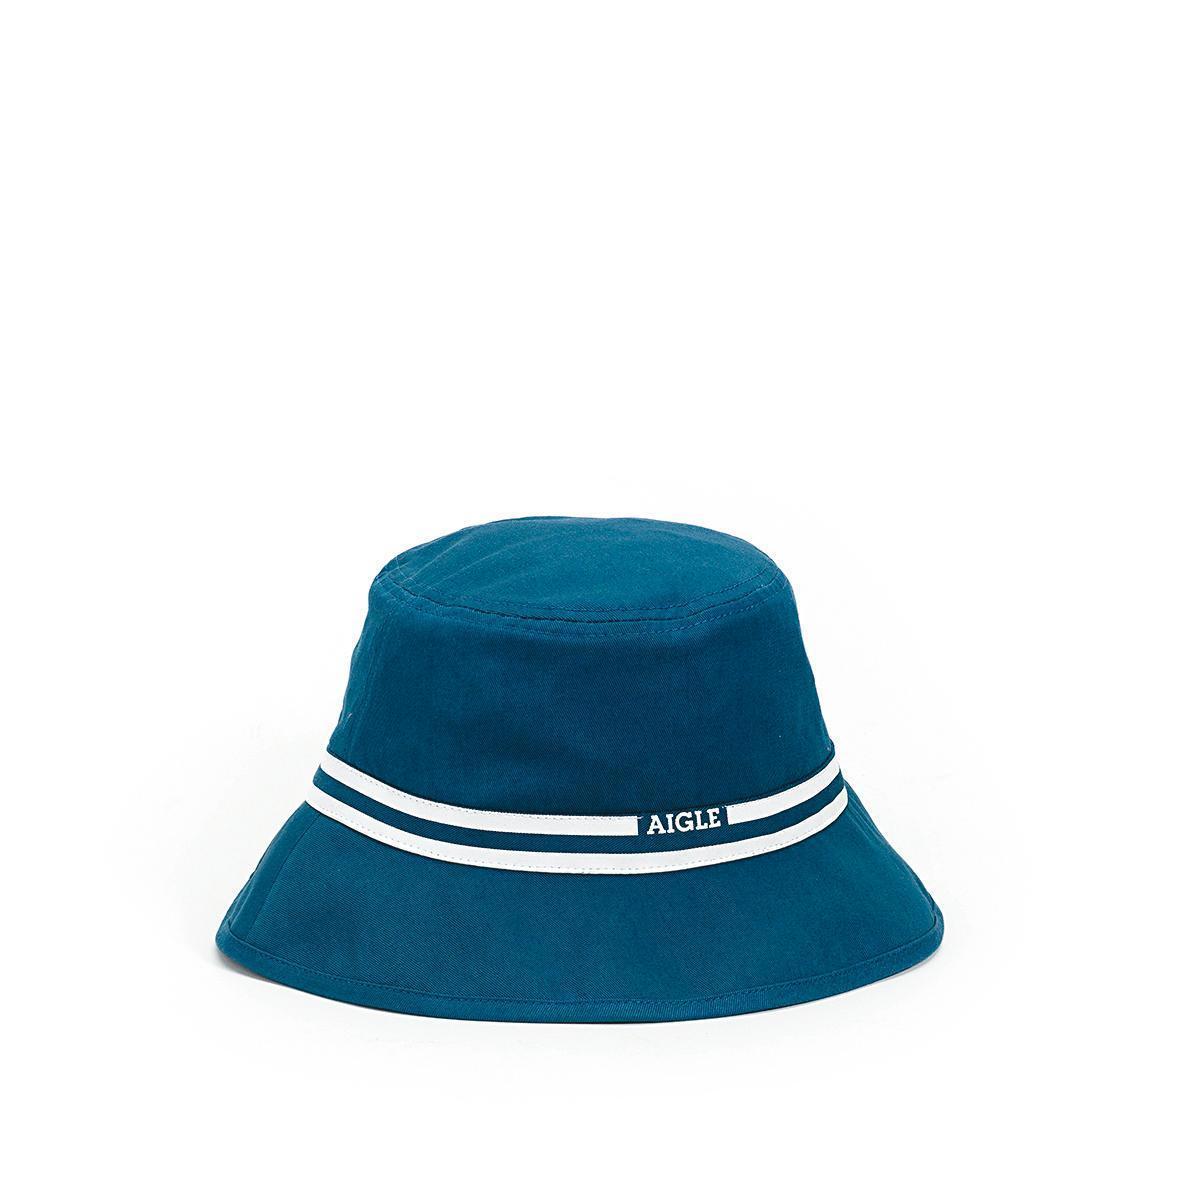 藍色中性款棉質休閒圓盤帽。NT$1,280